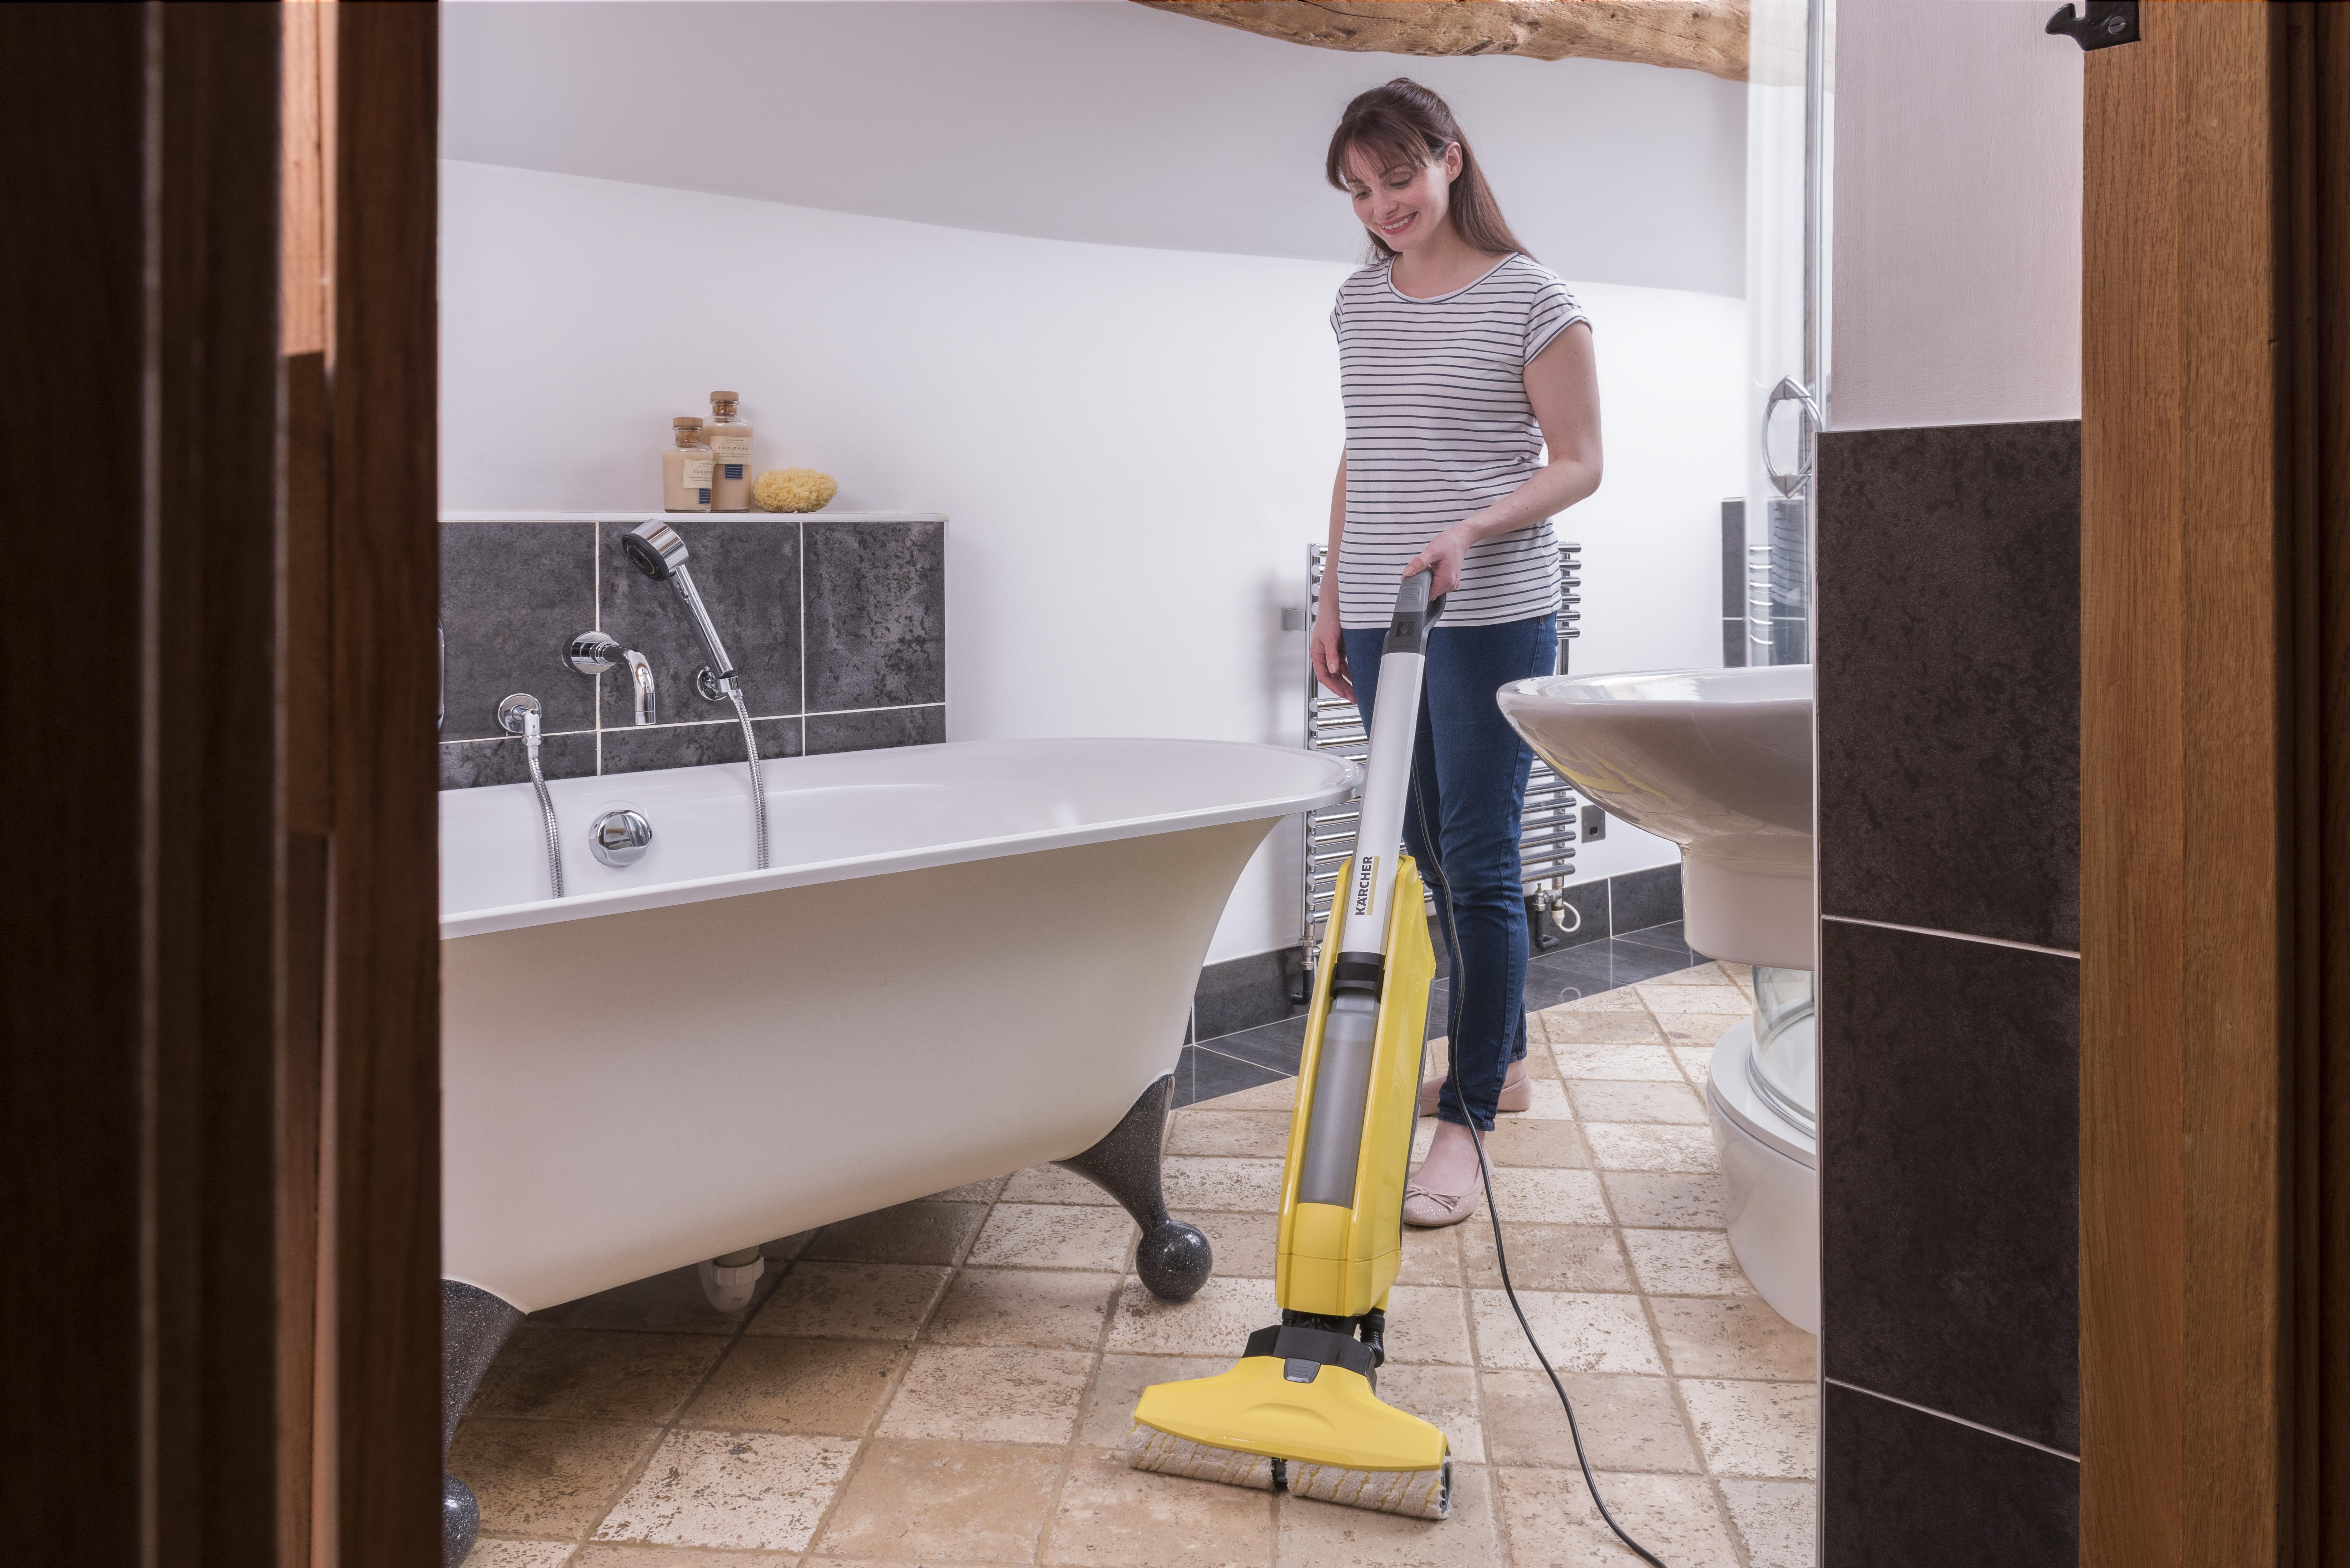 Fc5 hard floor cleaner krcher uk krcher hard floor cleaner fc 5 dailygadgetfo Gallery